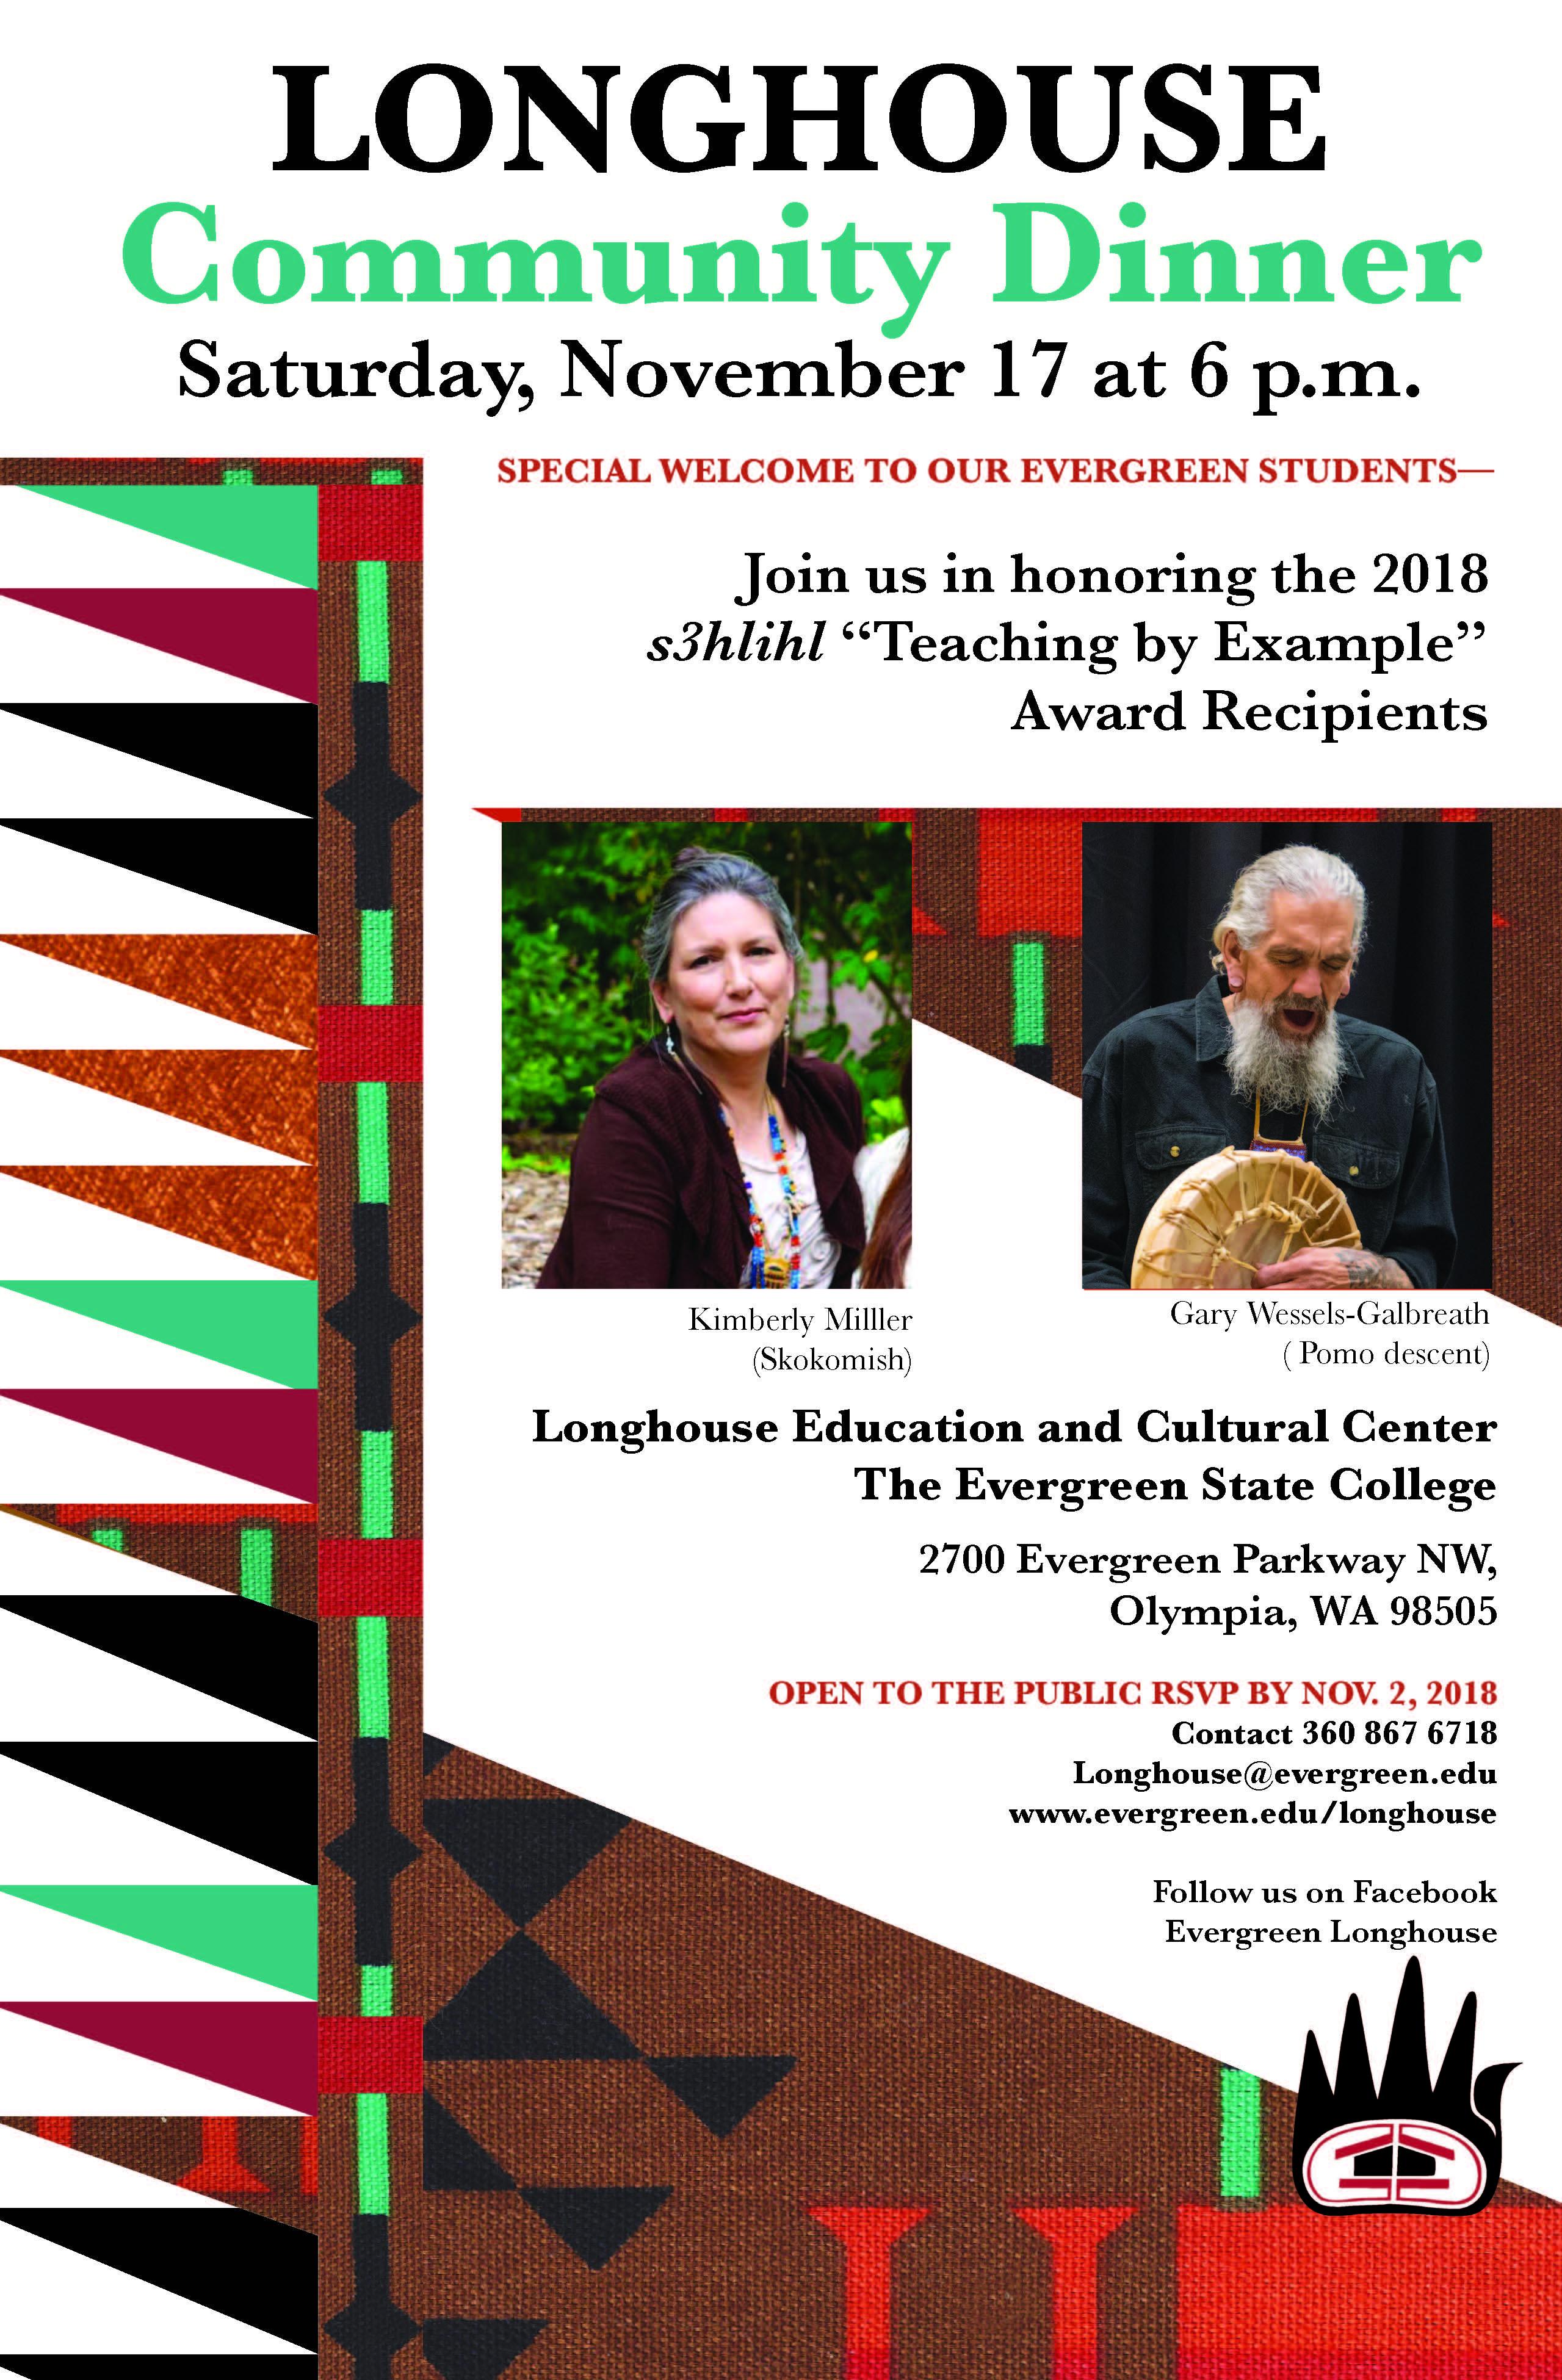 Longhouse 2018 Community Dinner flyer (November 17 at 6 p.m.)